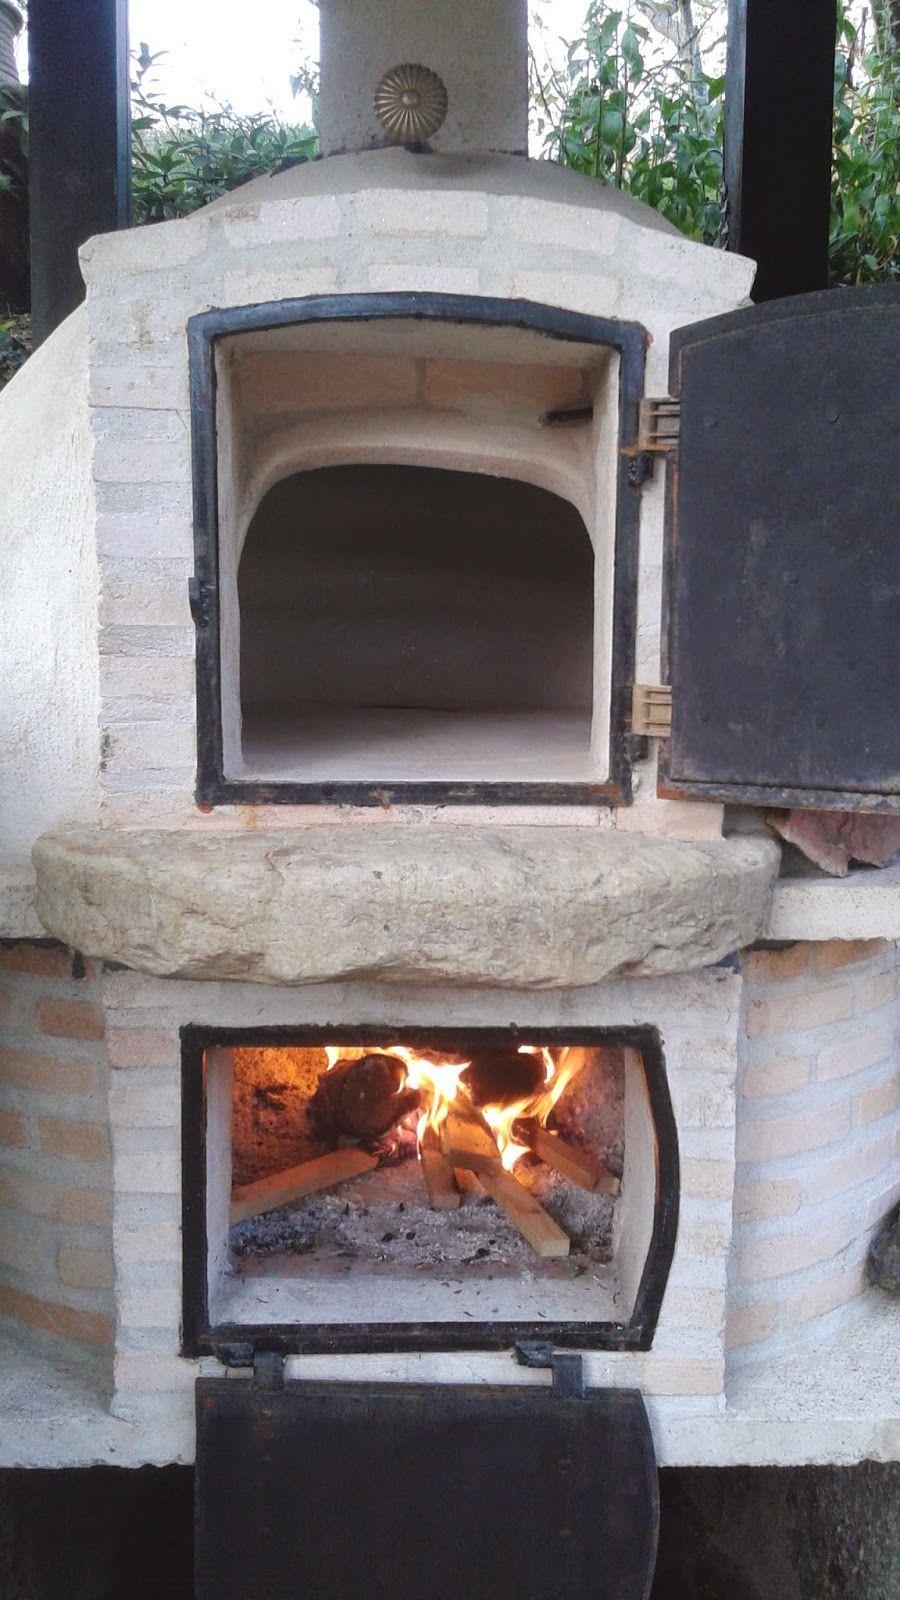 Chimeneas de lea madrid chimeneas rusticas de ladrillo for Chimeneas de pellets baratas